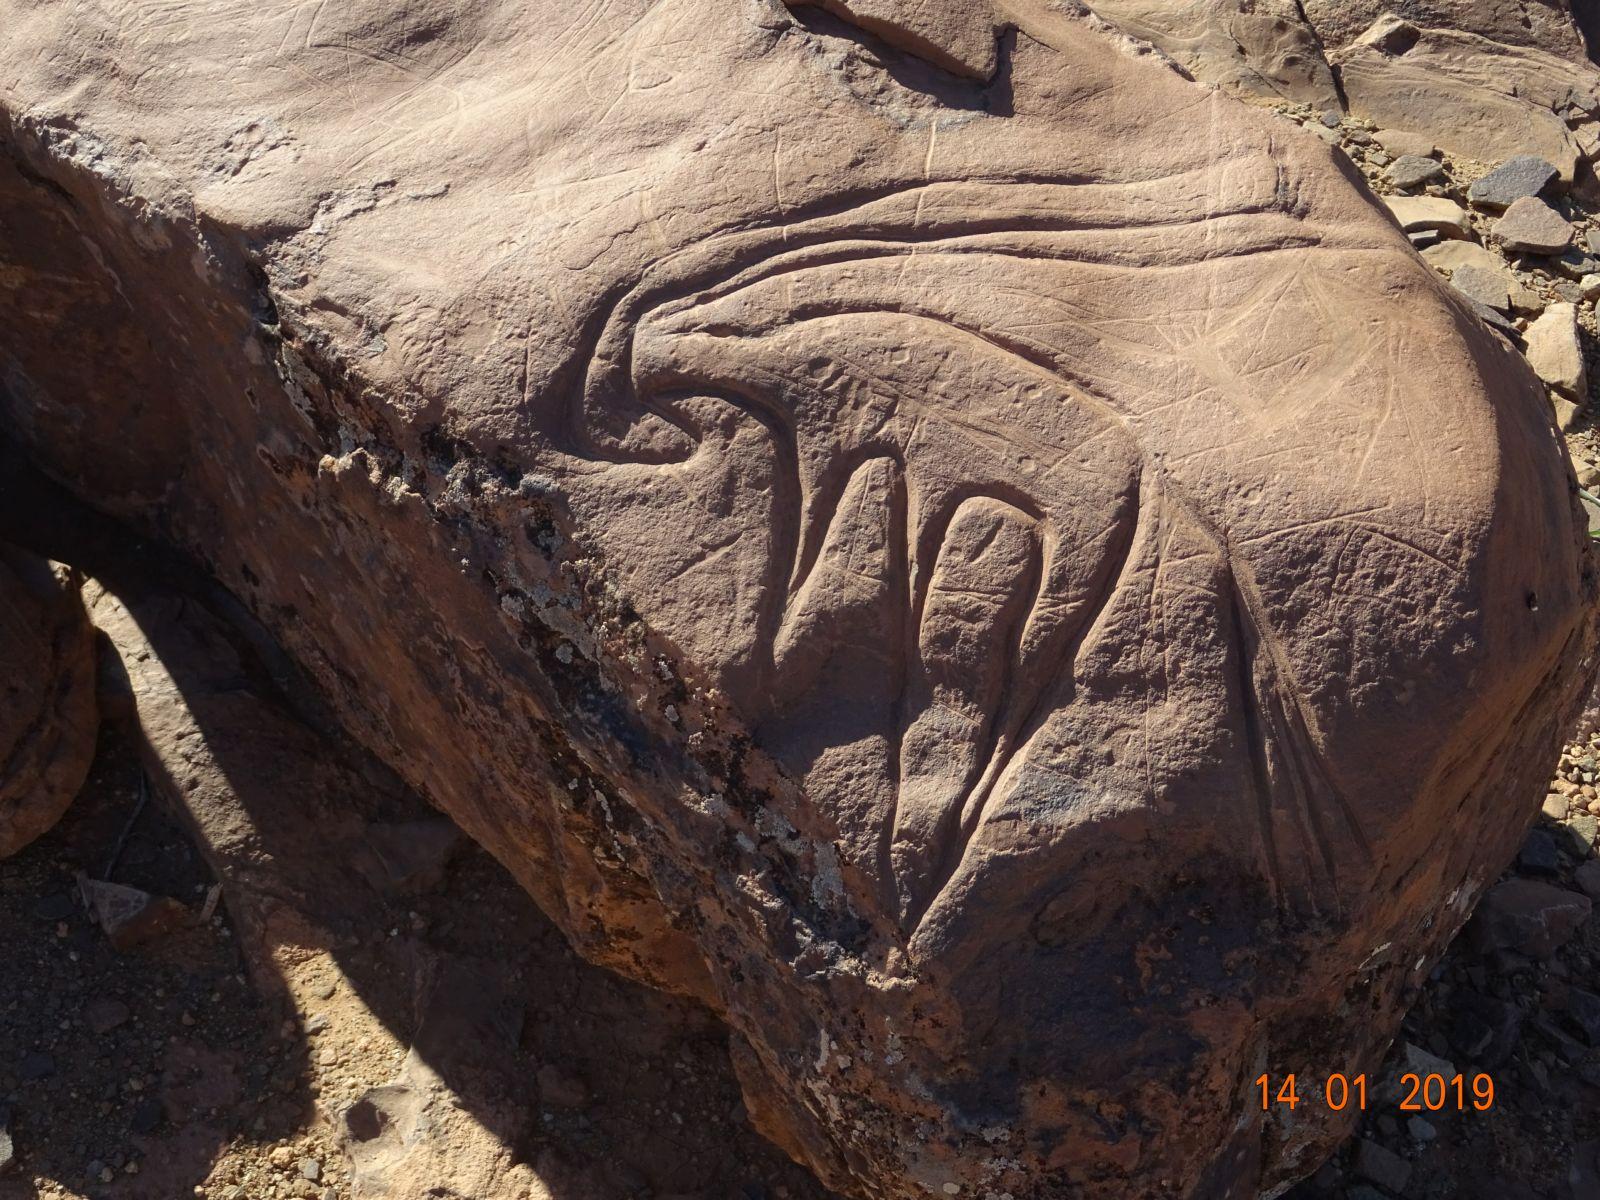 Les peintures rupestres 4 1